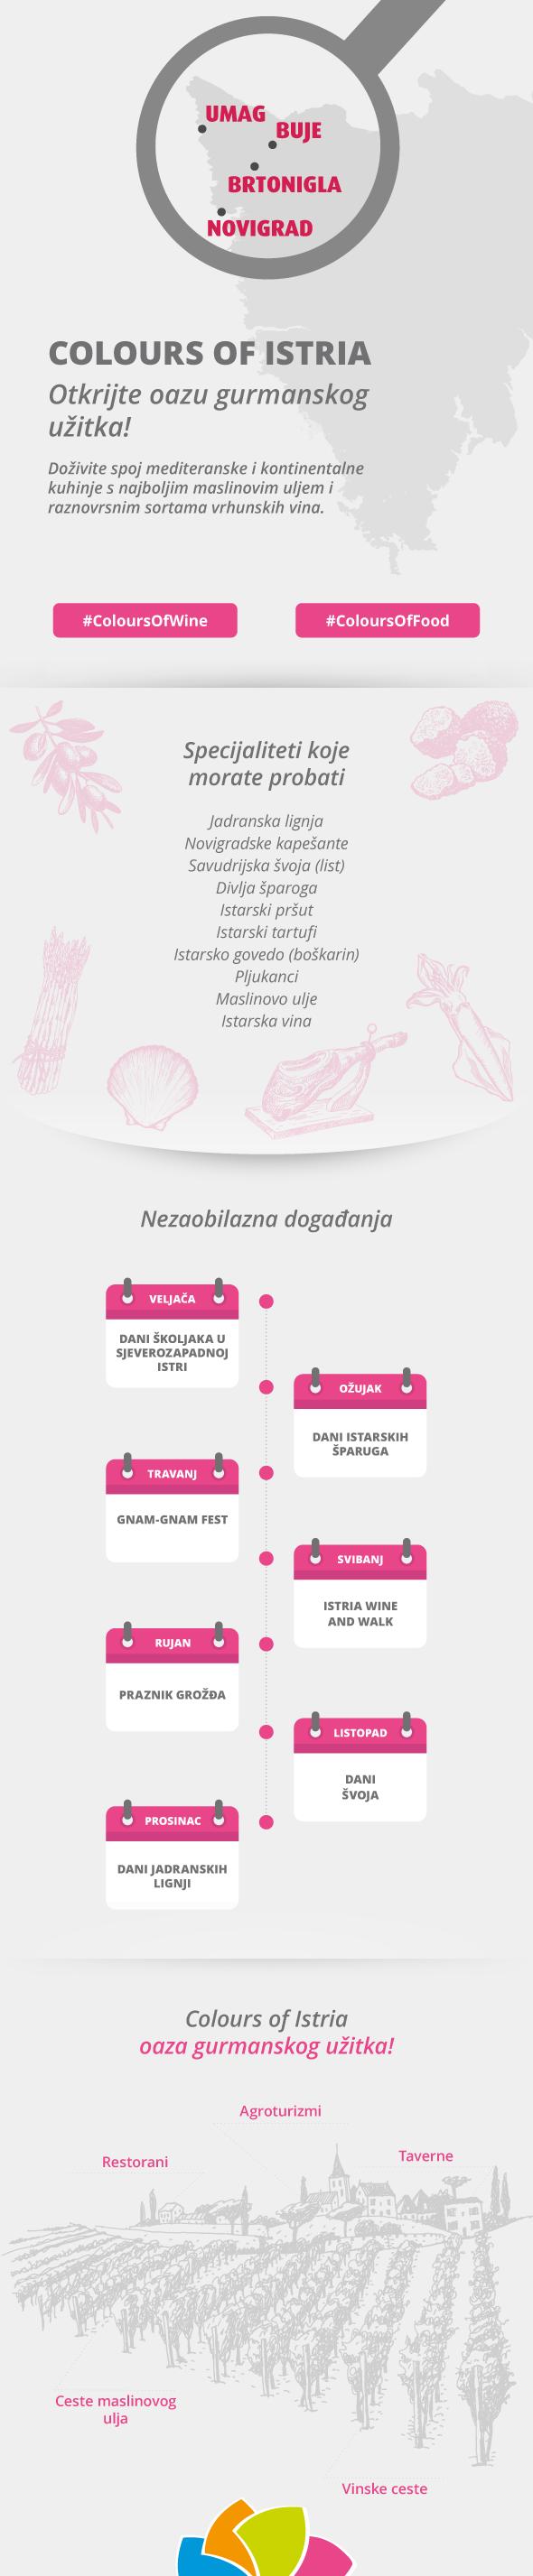 infografika-coi-brand--gourmethr